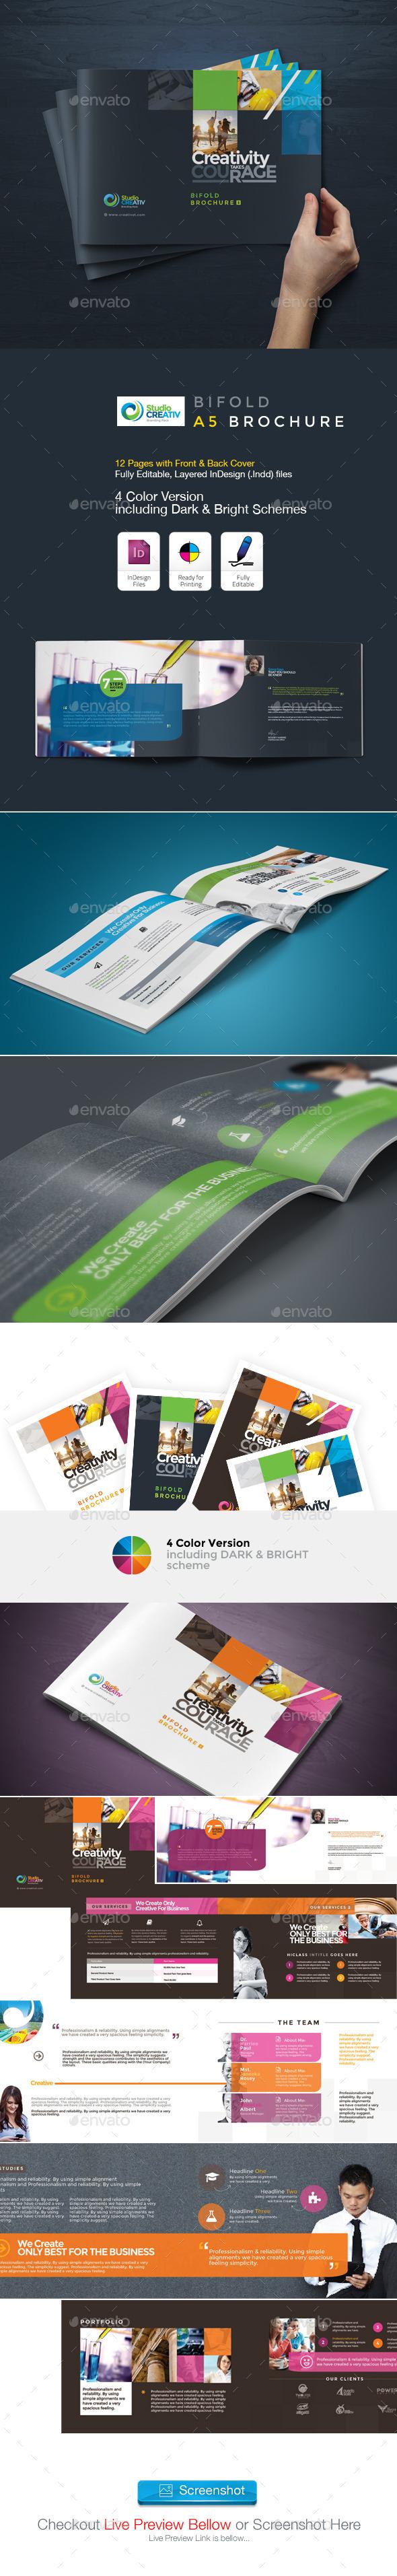 GraphicRiver Creative Bifold A5 Brochure 9604990